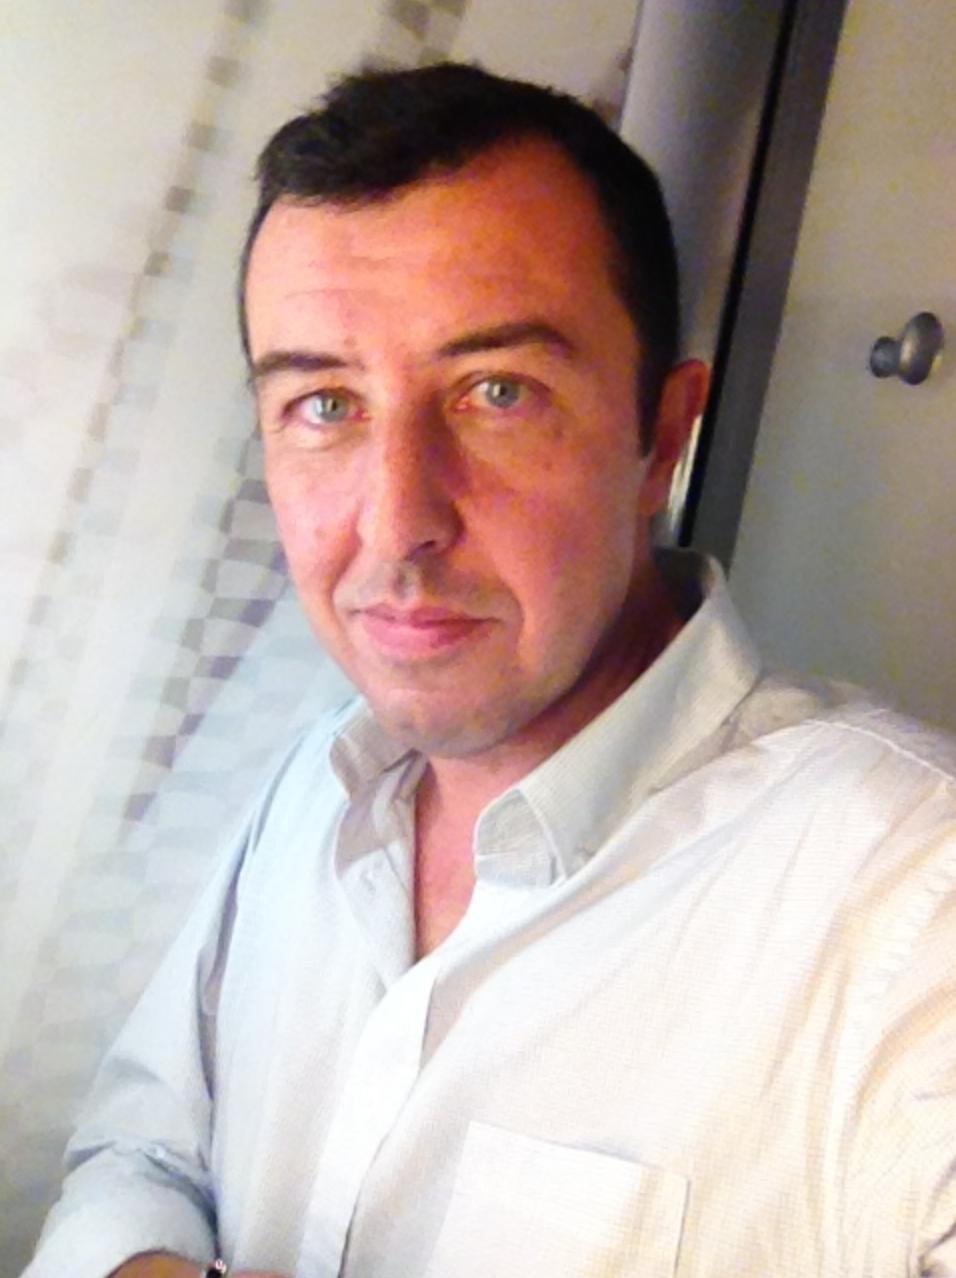 Jean-Charles Verhaeghe intervient chaque jour dans de nombreuses radios françaises et européennes